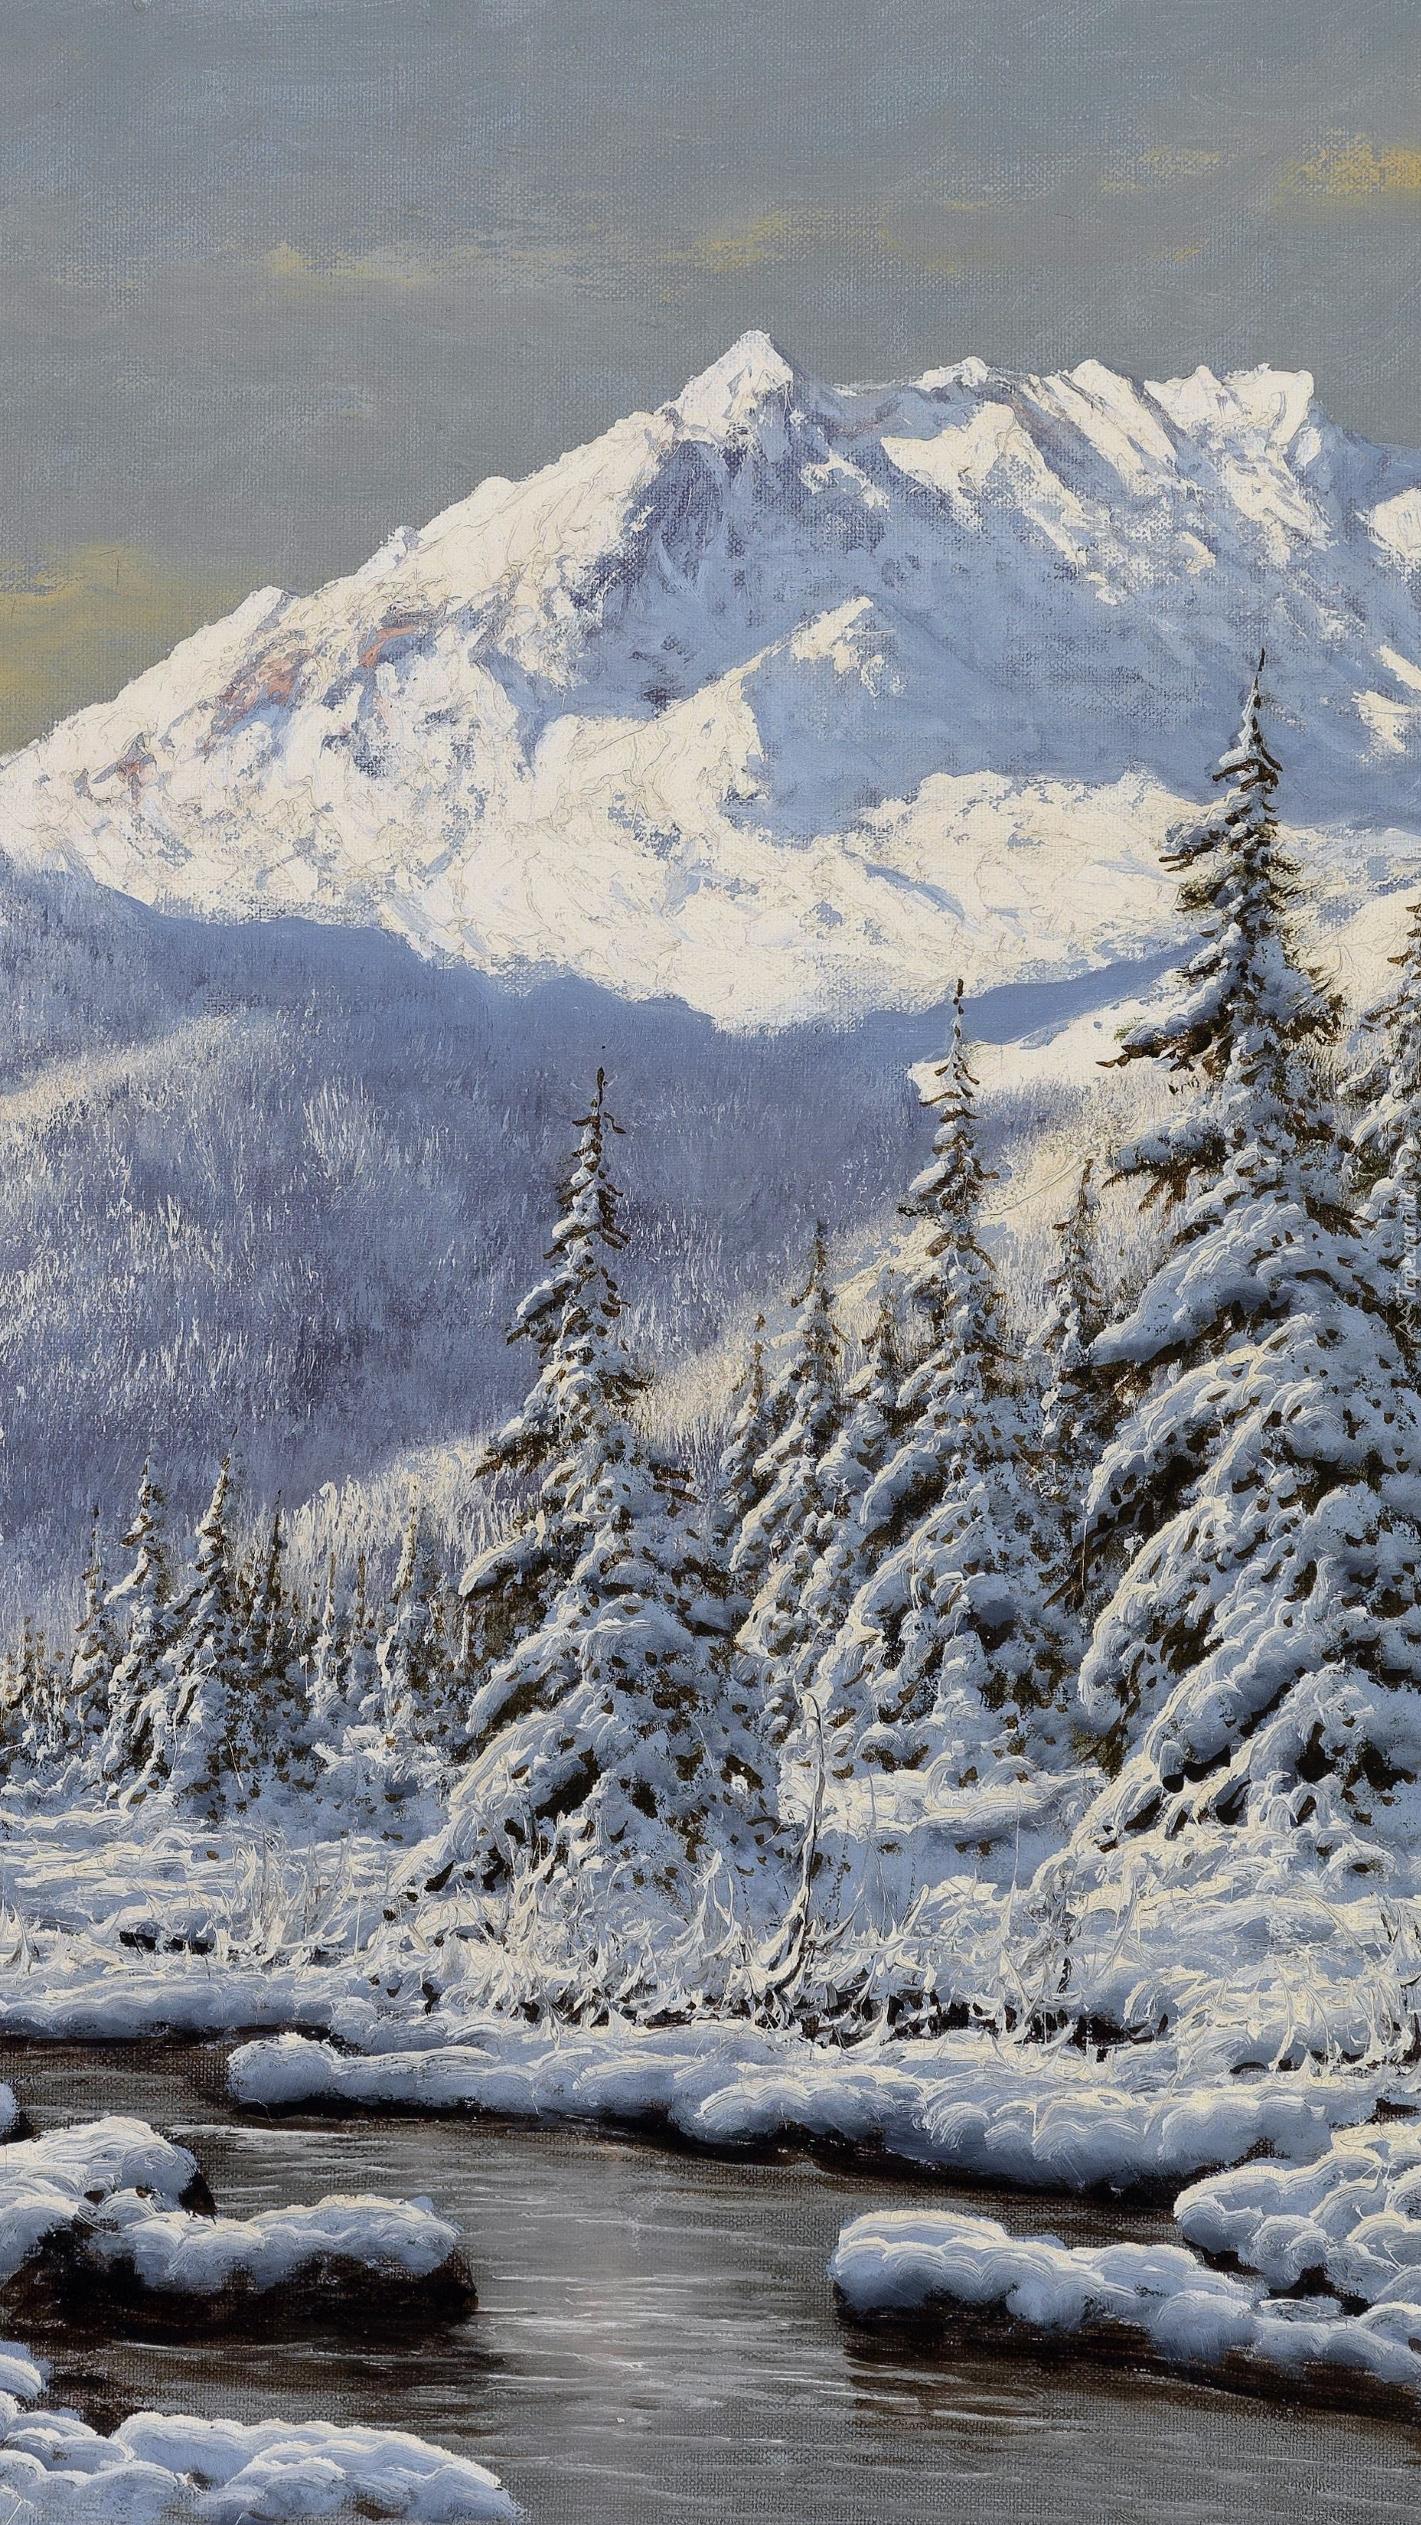 Ośnieżone drzewa i góry nad rzeczką